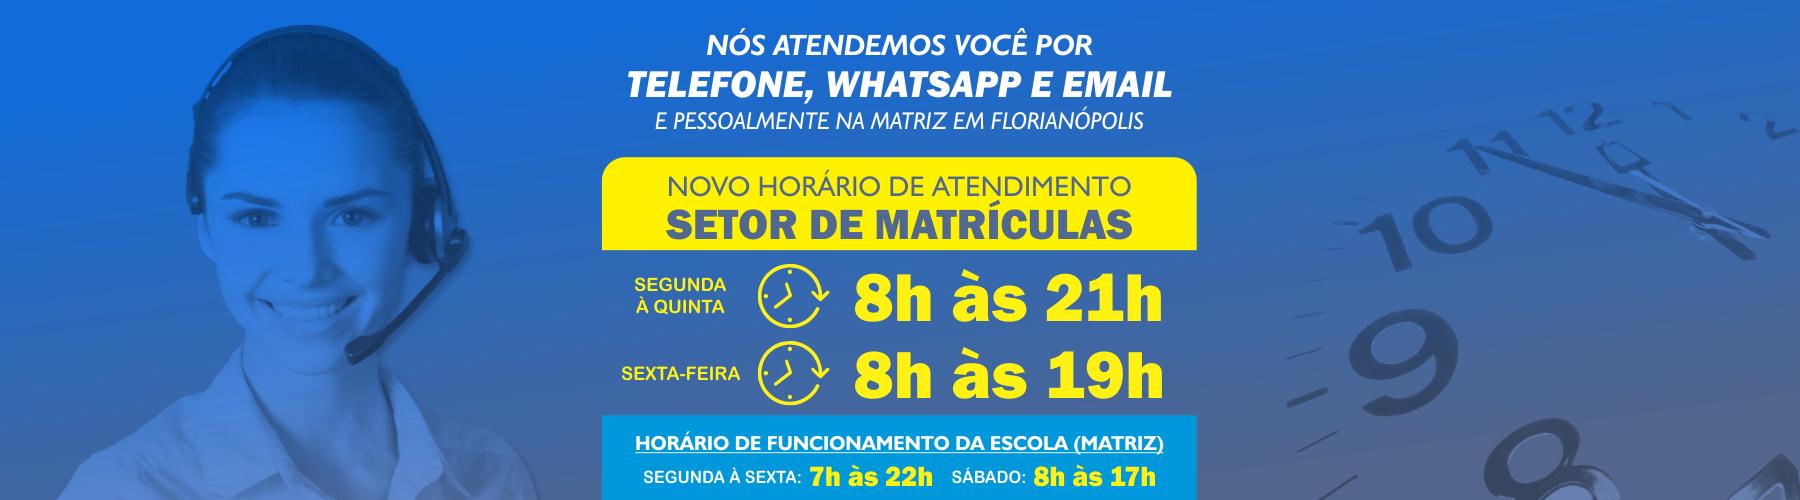 horario_atendimento-1